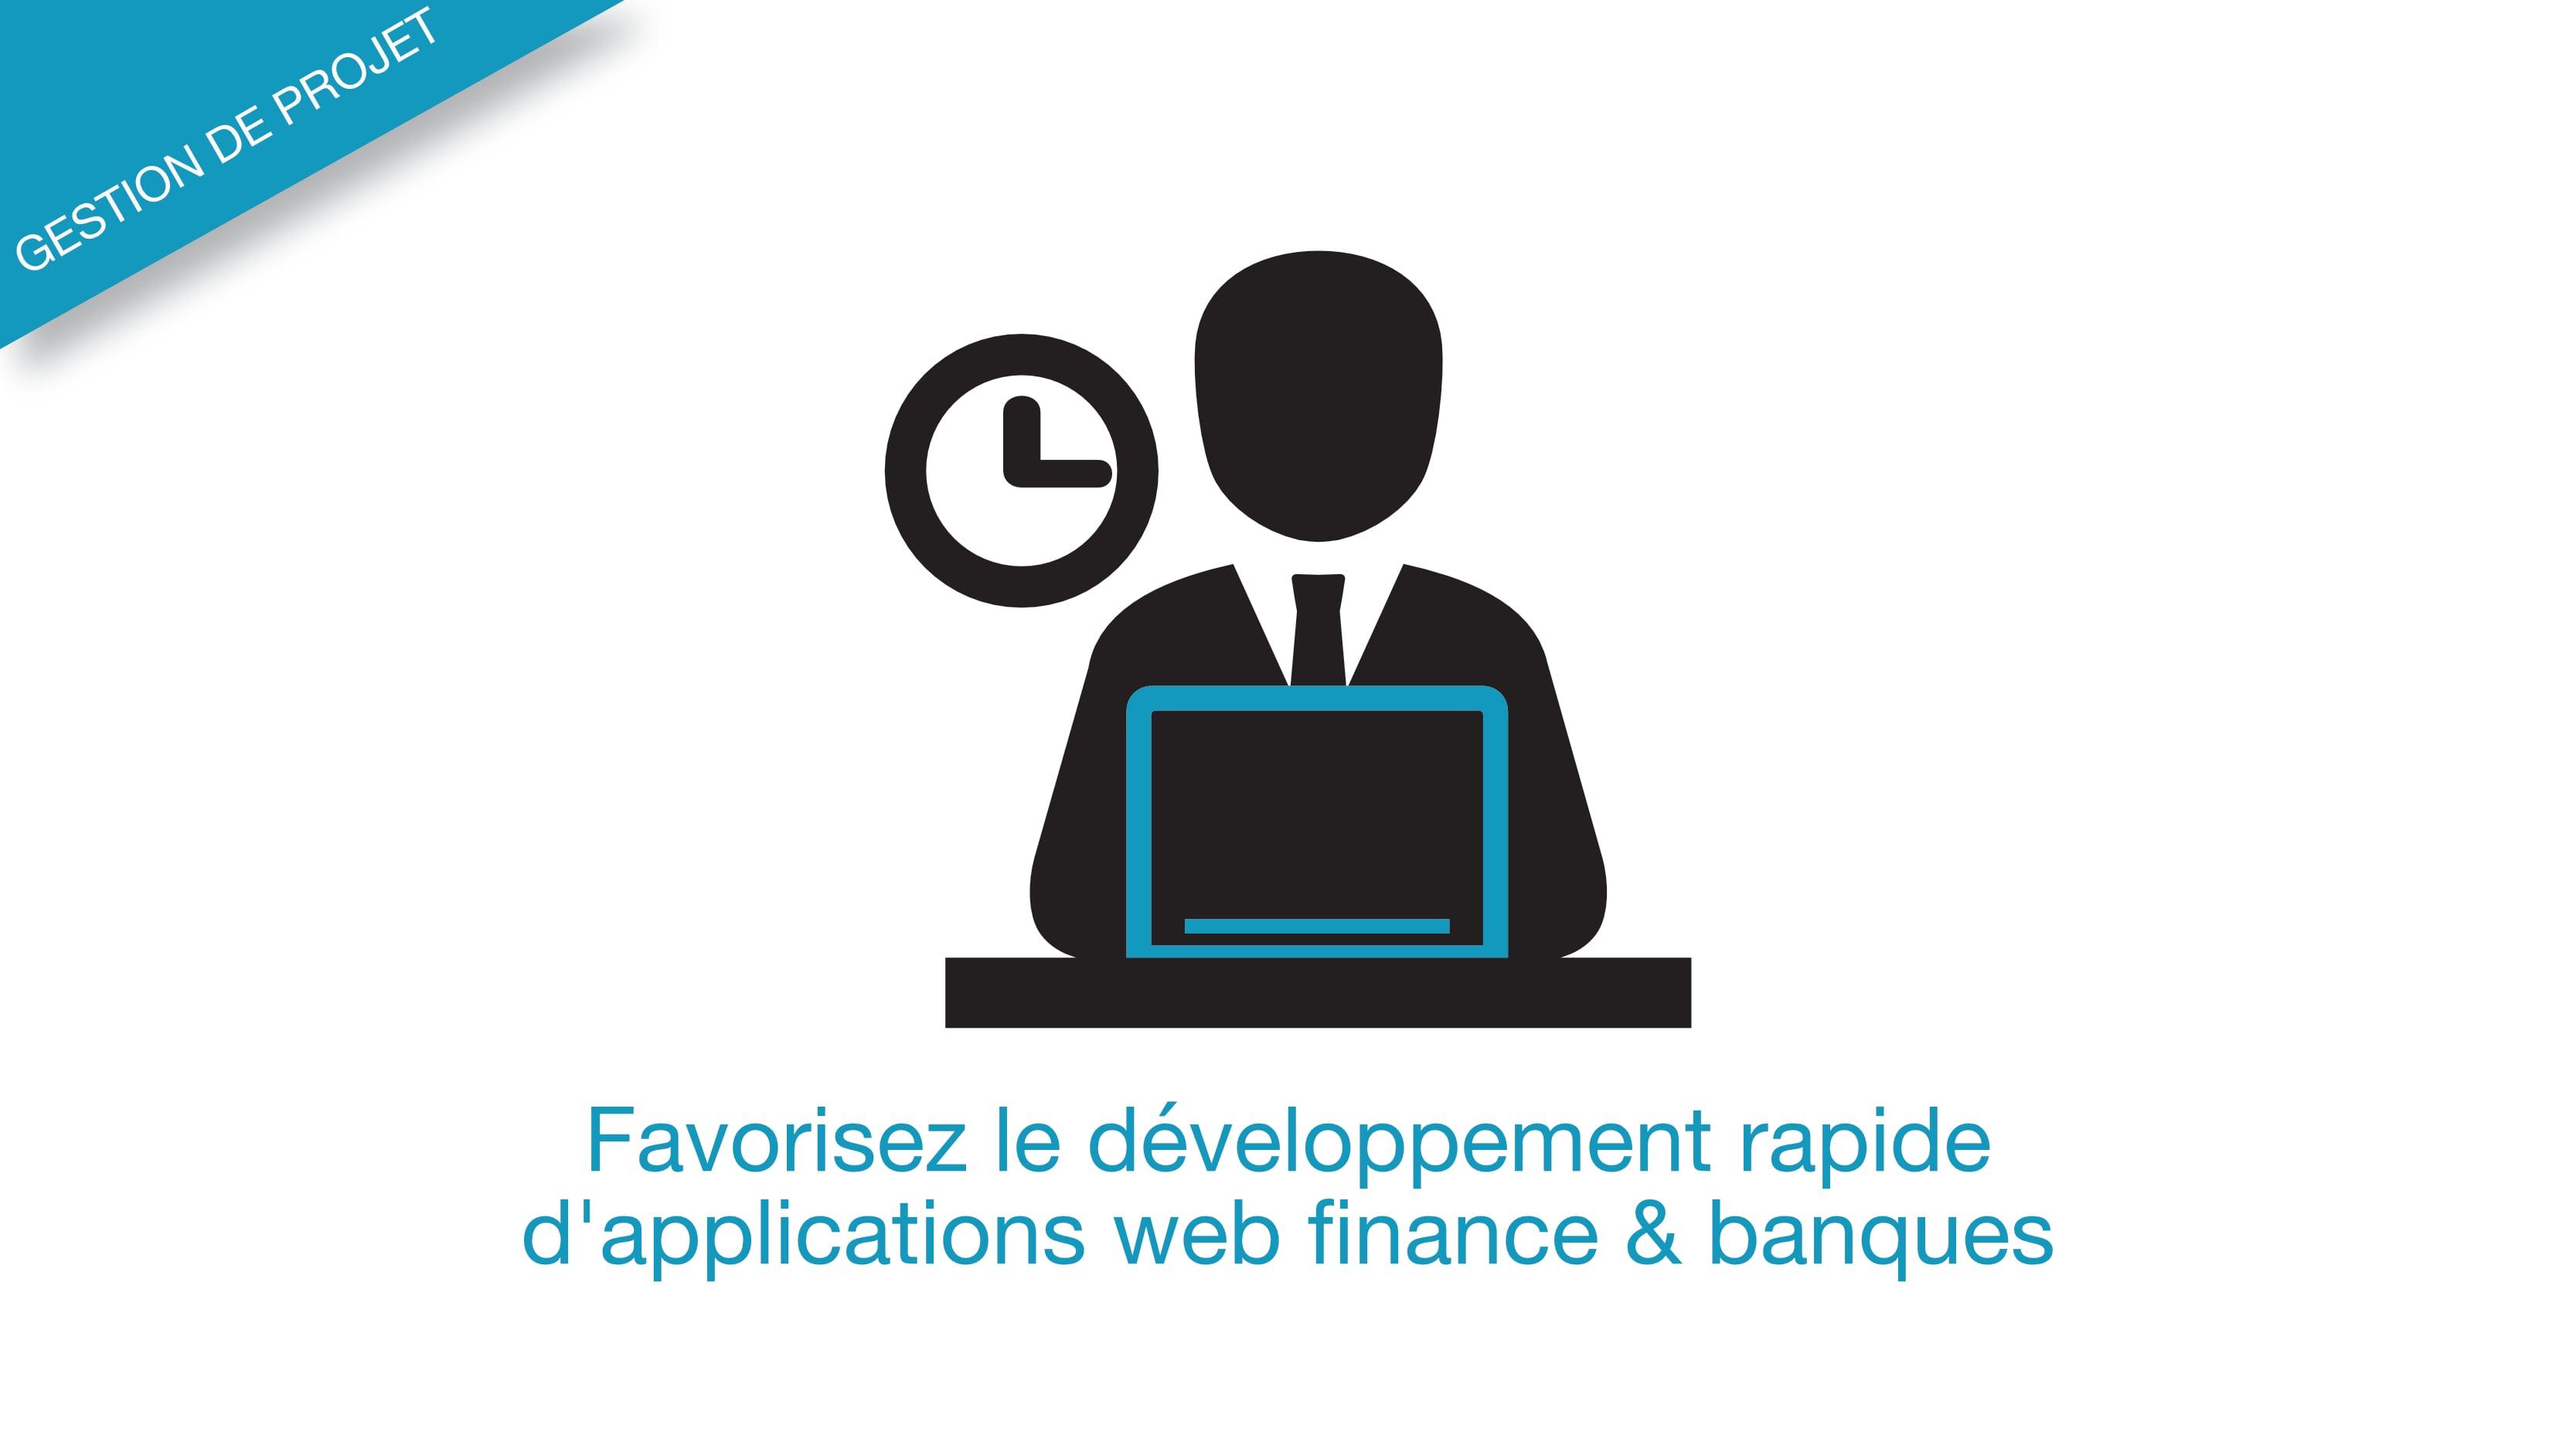 développement rapide d'applications banques et finance